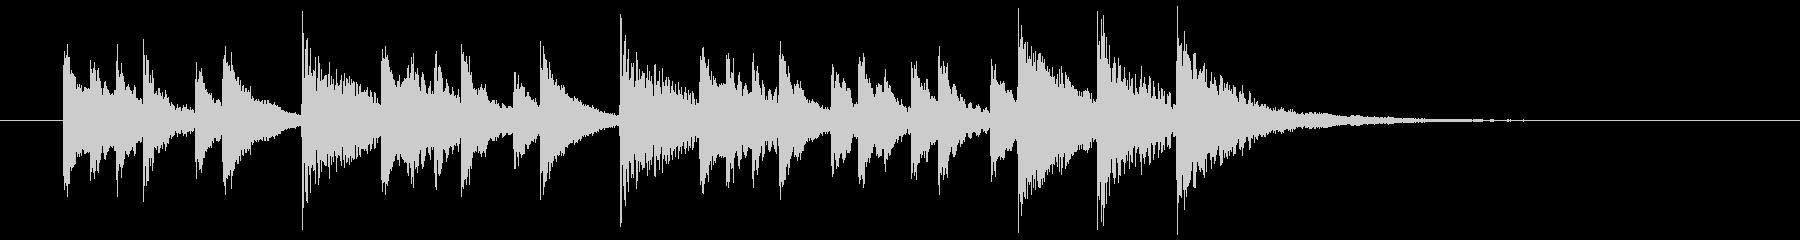 コミカルなシンセサイザーのポップスの未再生の波形